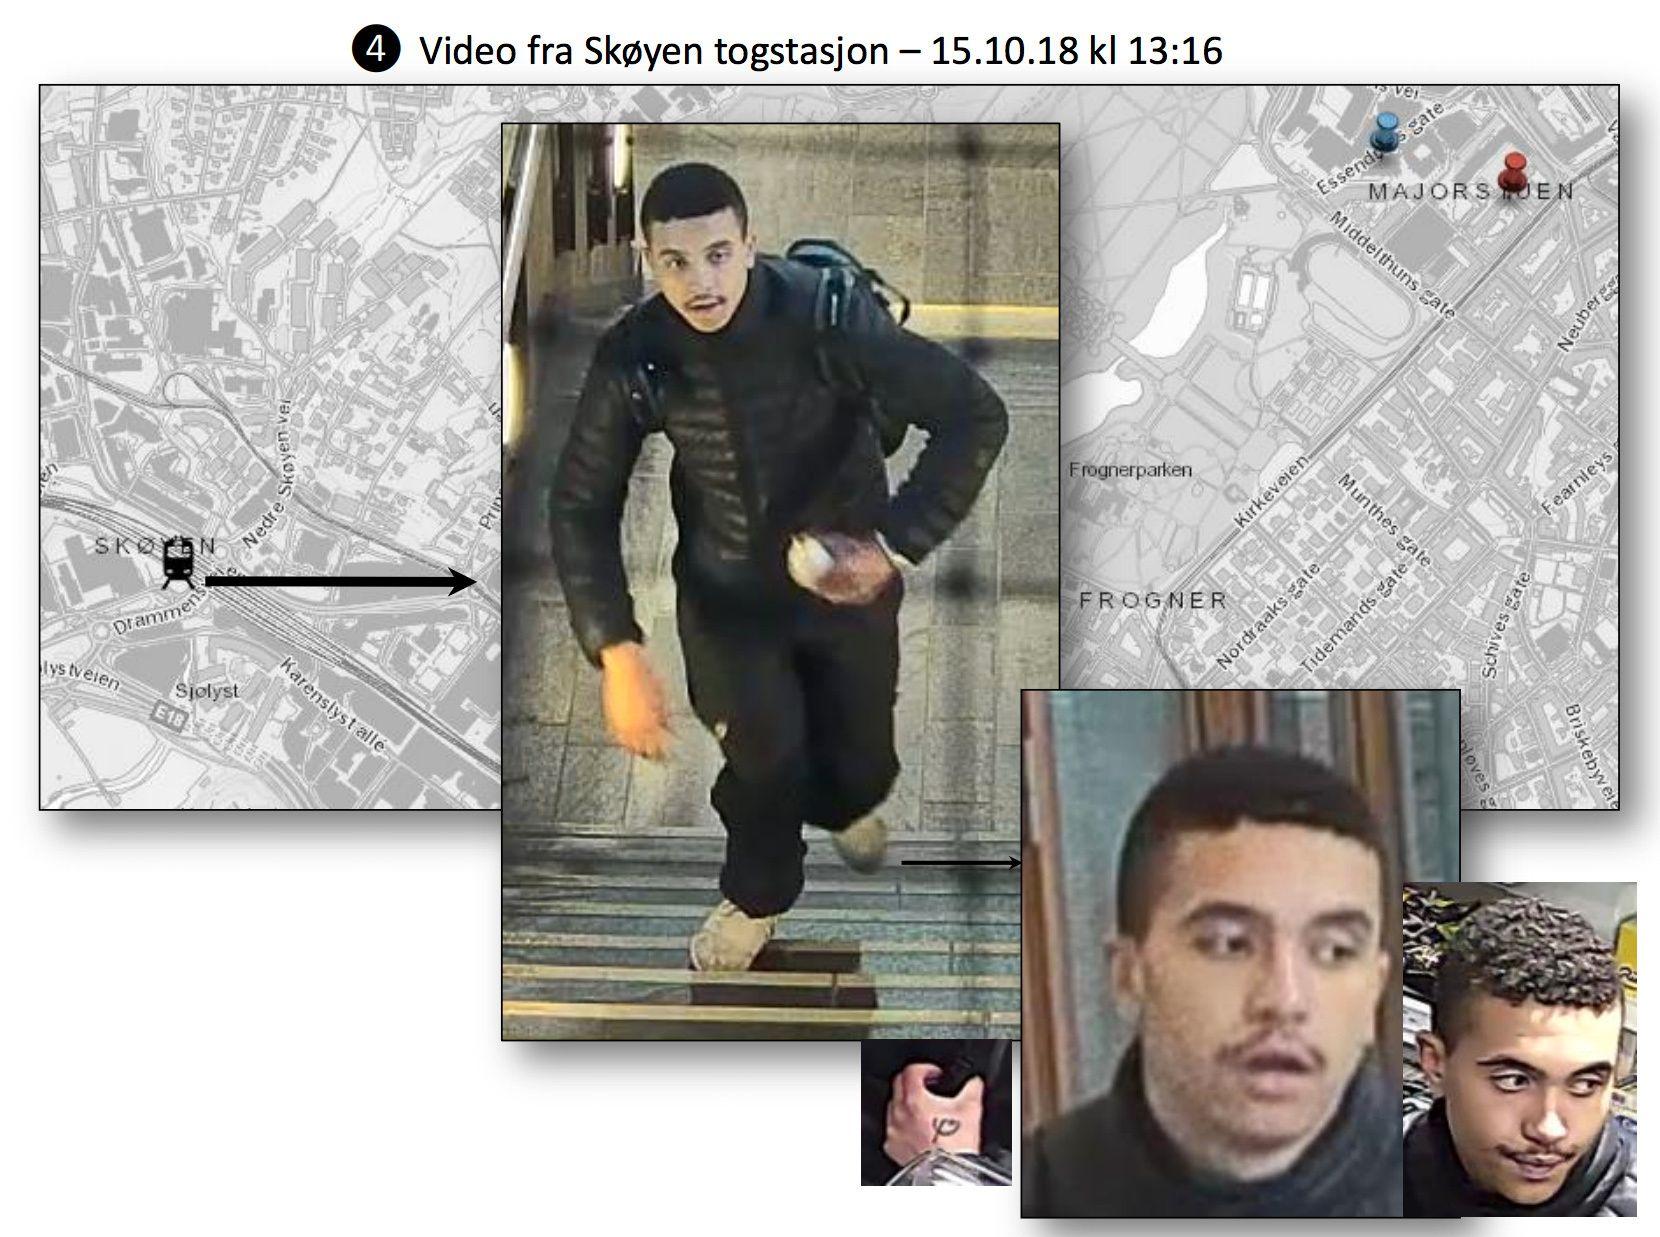 ETTERLYST: Fredag gikk politiet i Oslo ut med bildet av en mann de setter i sammenheng med drapet på Majorstuen.